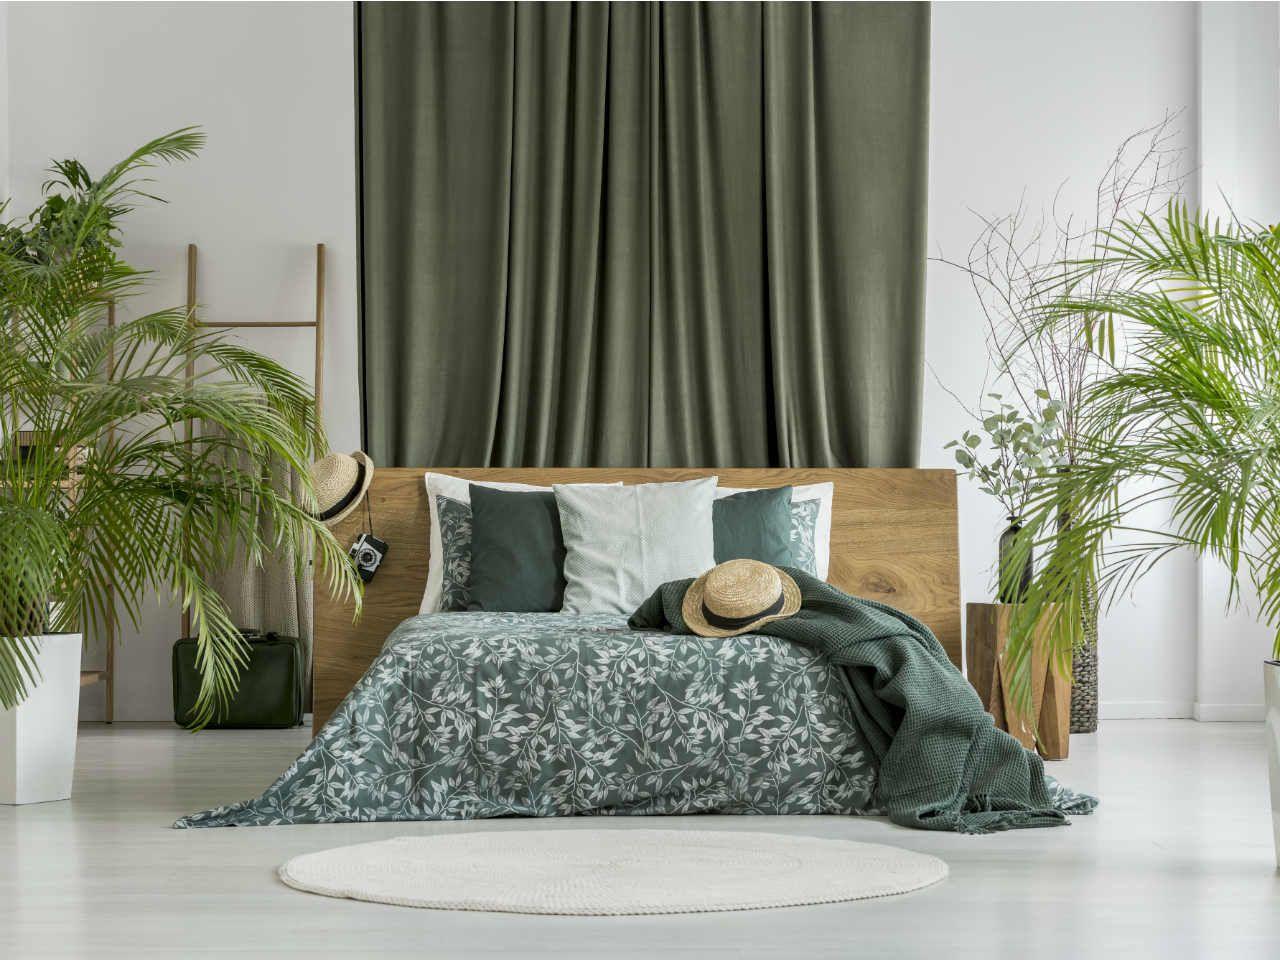 Jakie Kwiaty Do Sypialni Rośliny Które Warto Wybrać